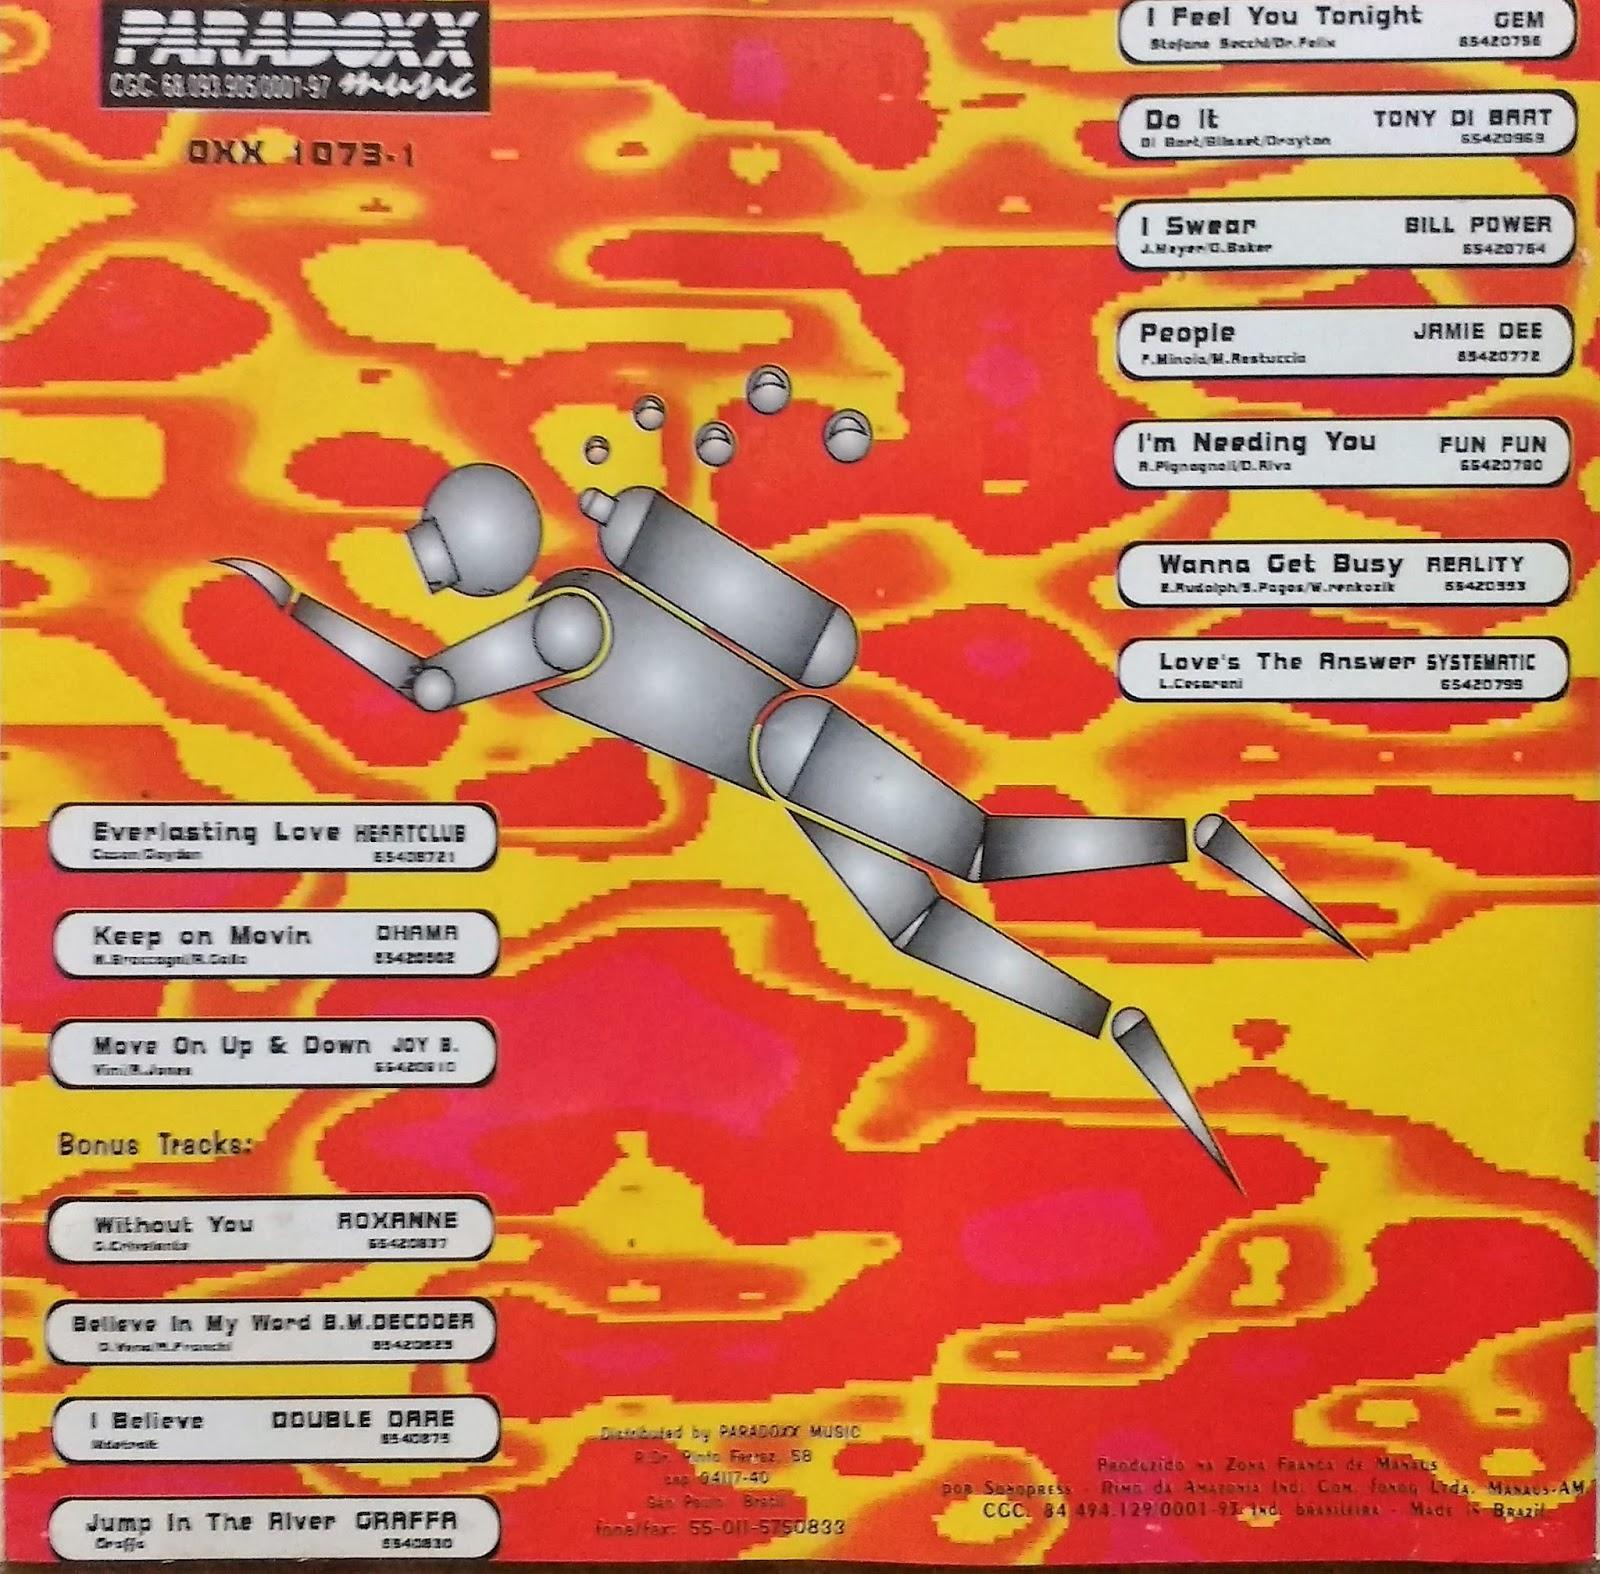 UP IT DANZEL PUMP MUSICA BAIXAR